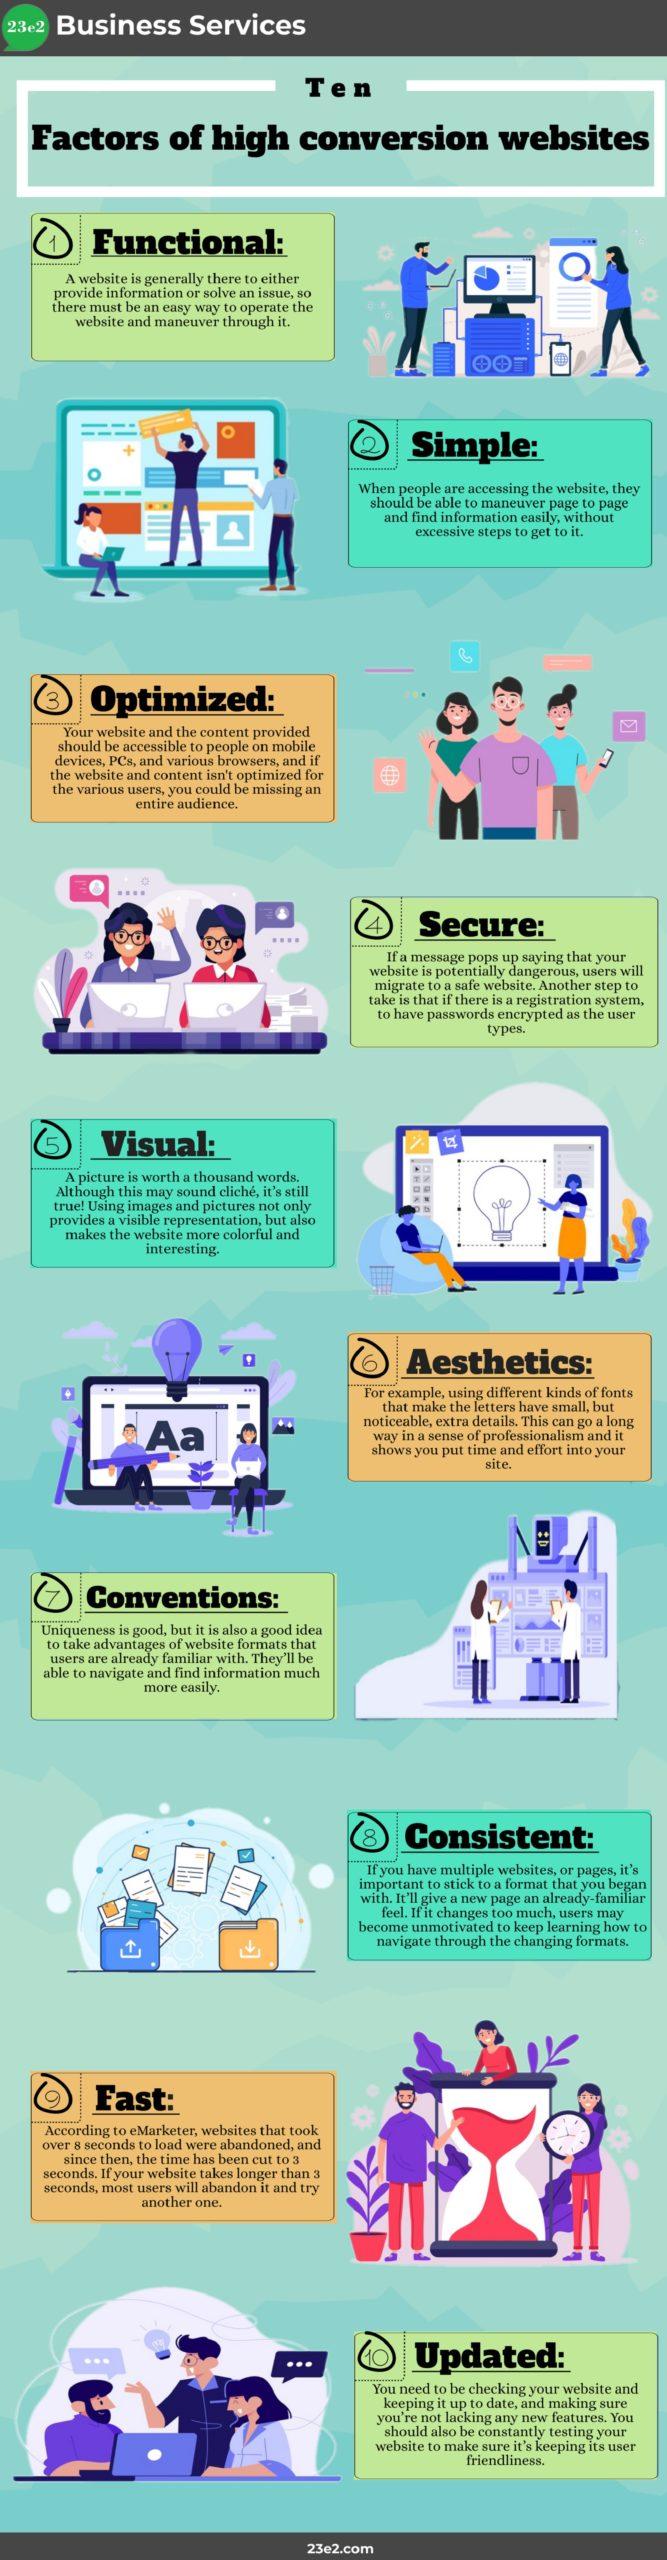 factors of high conversion websites